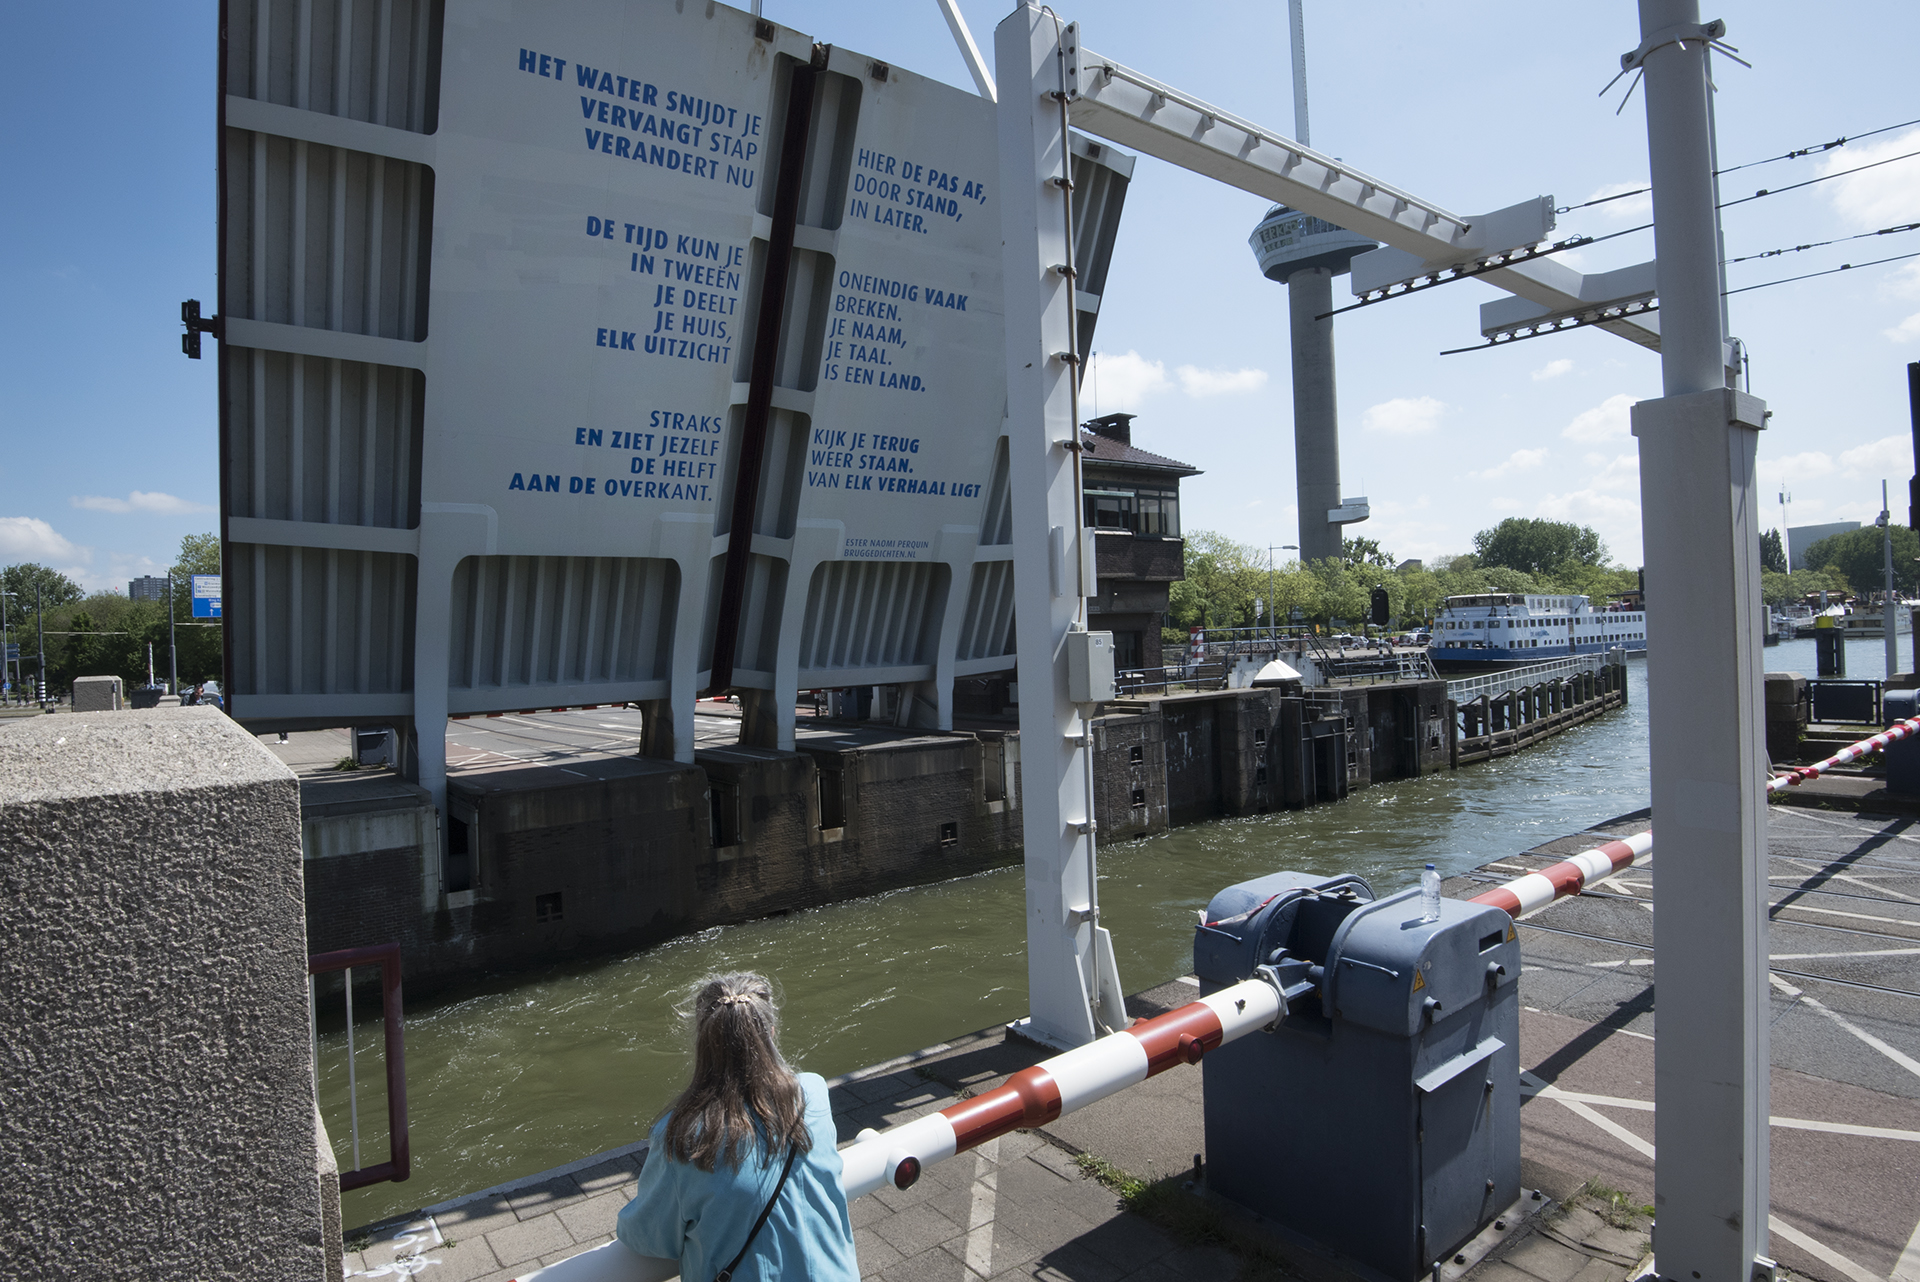 Parkhavenbrug bruggedicht Ester Naomi Perquin uitgevoerd door stichting de Zoek naar Schittering. www.beruggedichten.nl